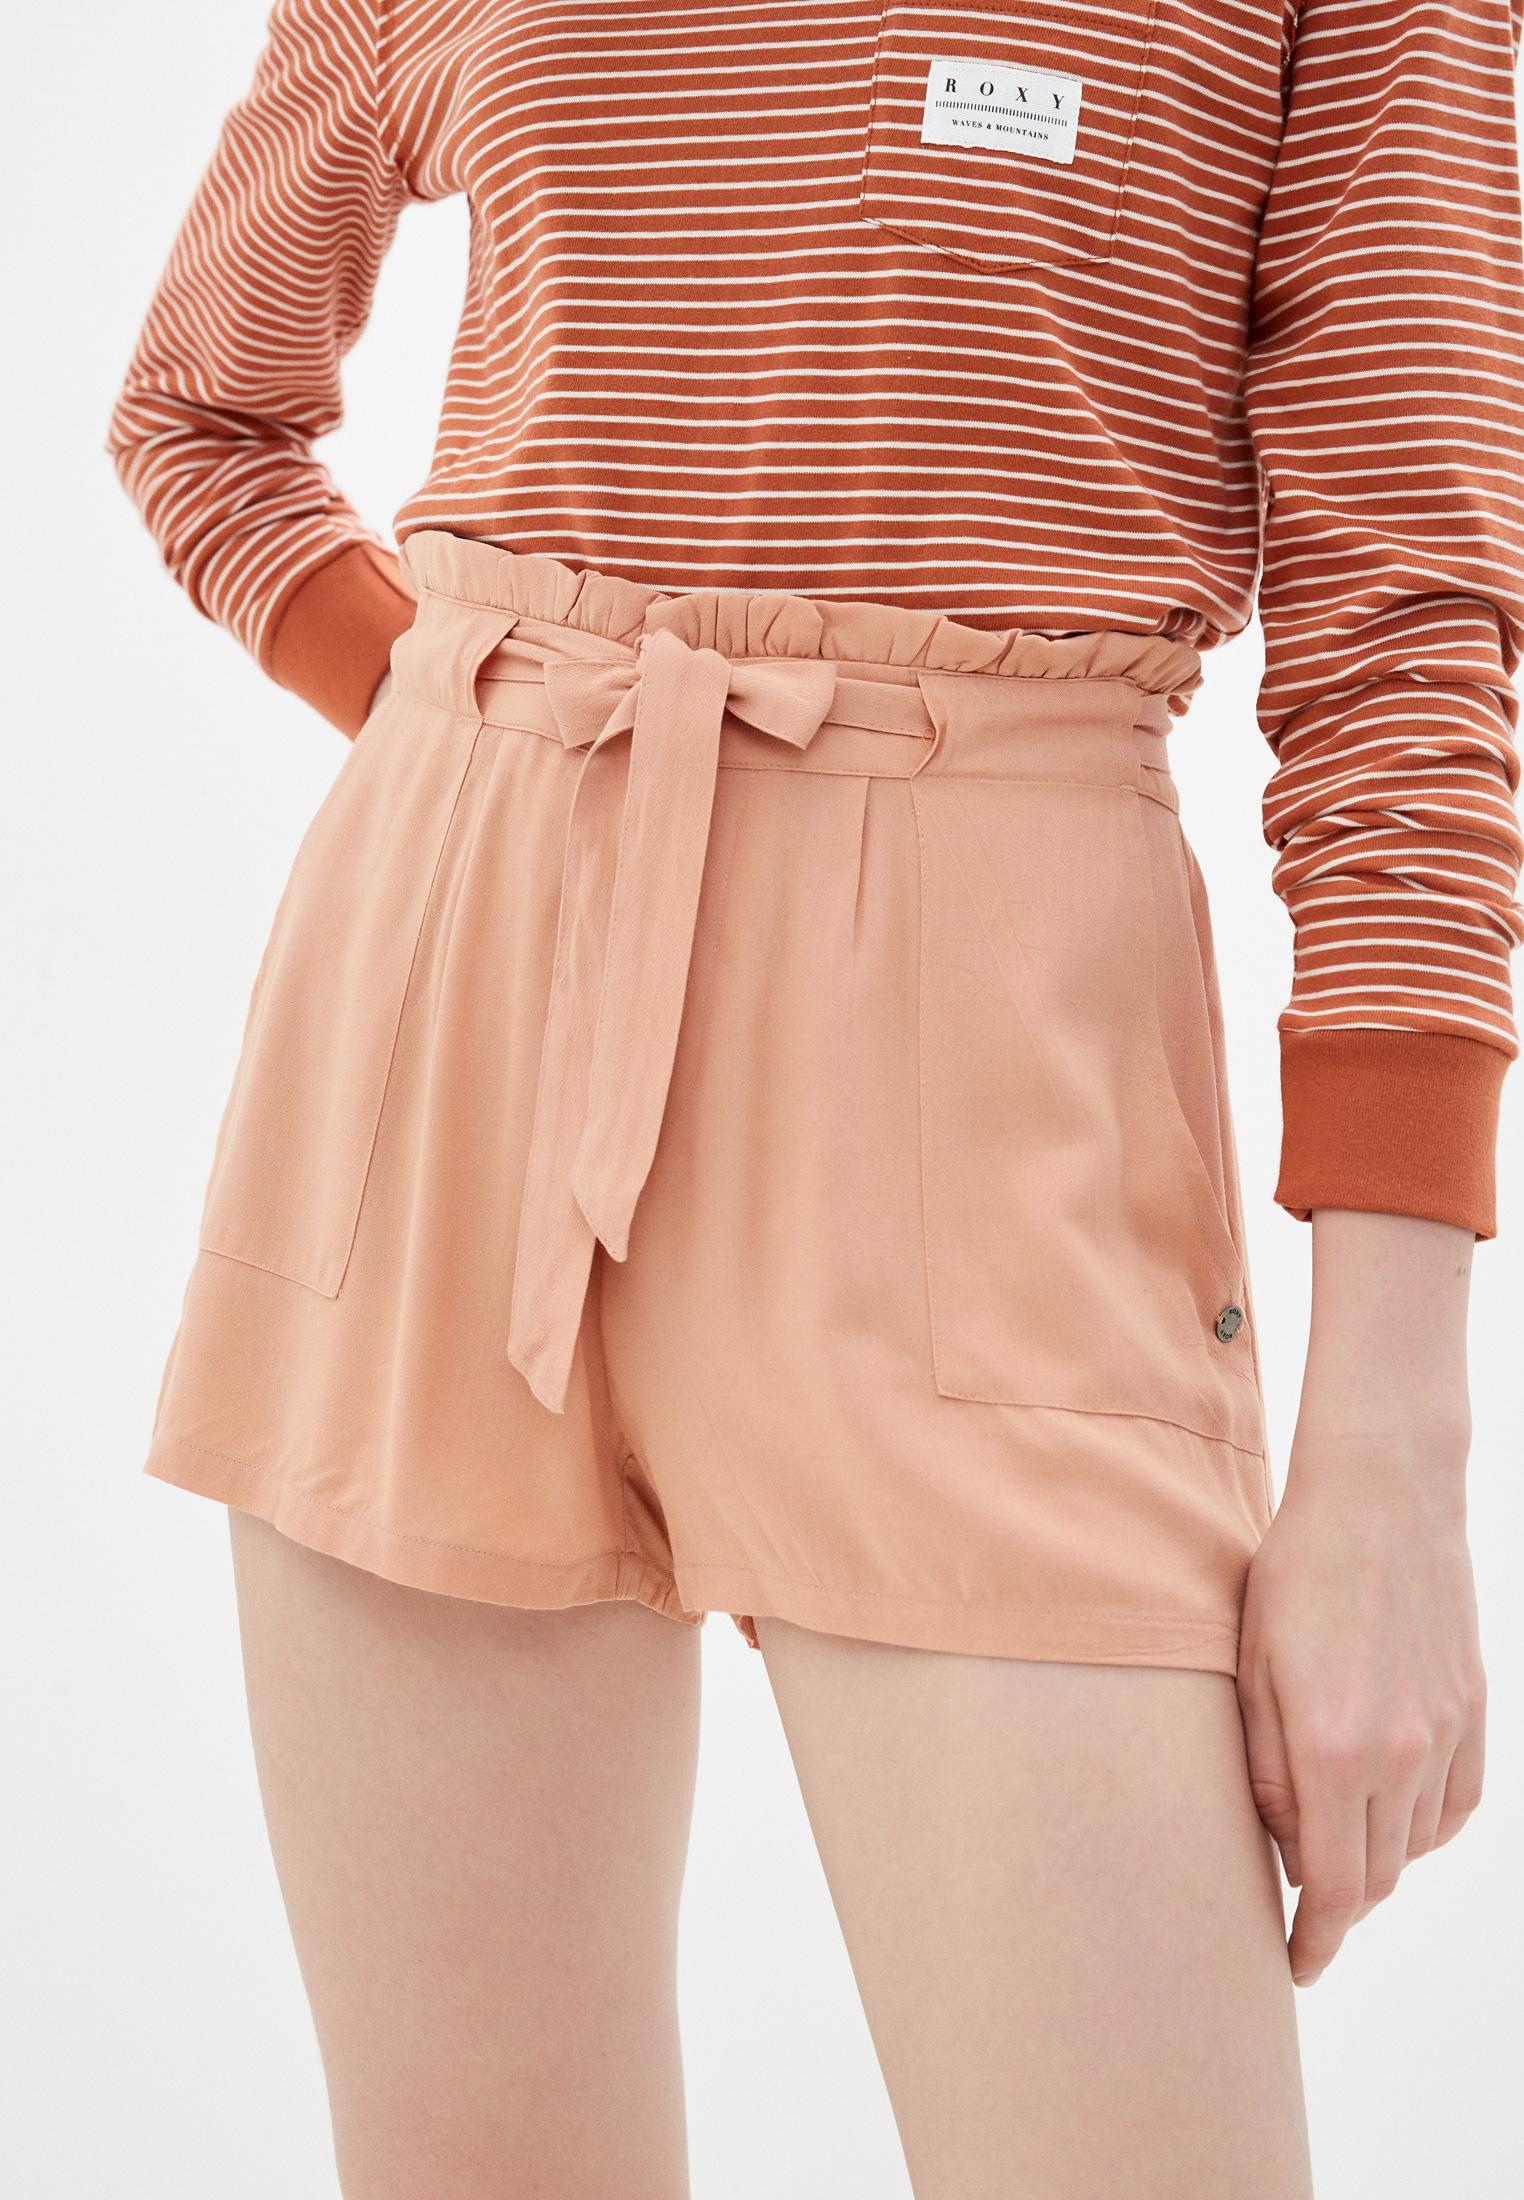 Женские повседневные шорты Roxy (Рокси) Шорты Roxy